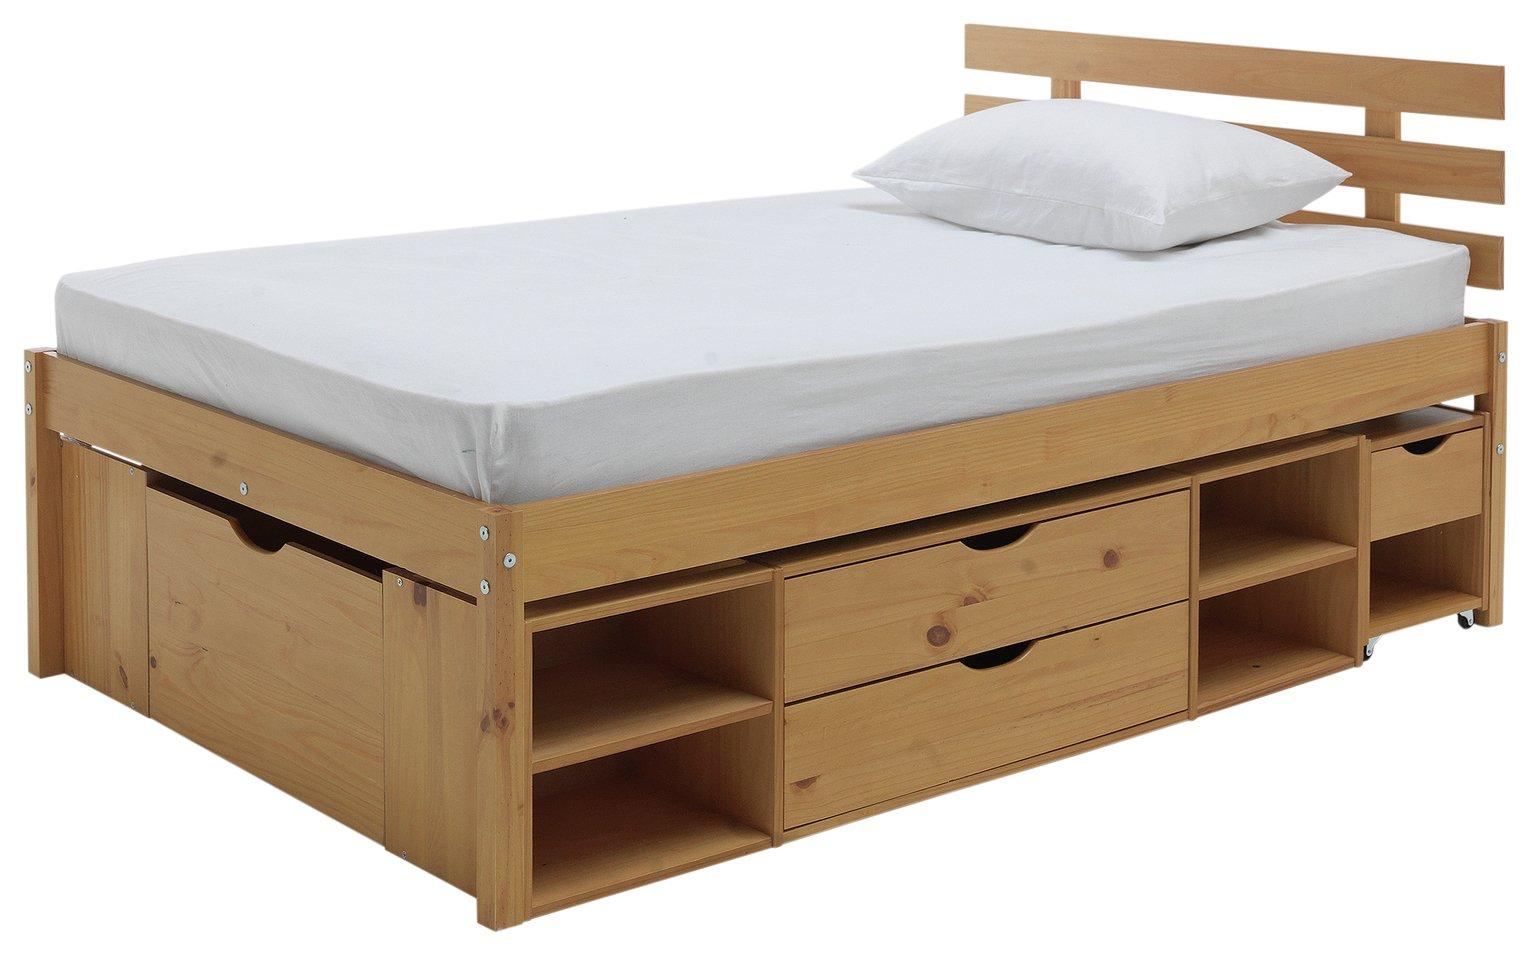 2e4f8a8f5a04 bahrainpavilion2015 - Guide wooden double bed frames argos->